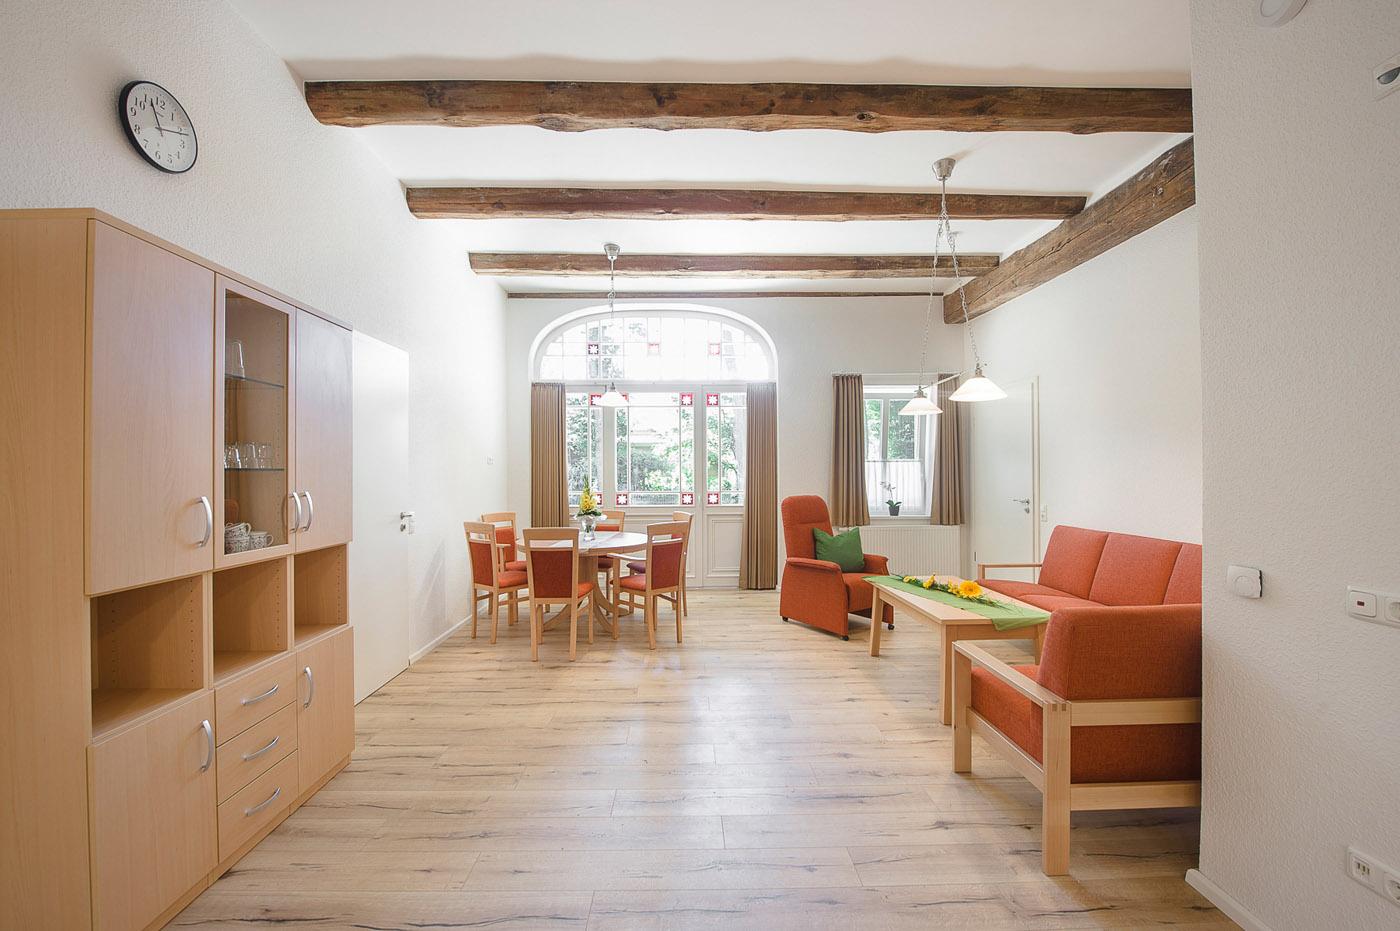 oldenburg old ferienhof hollwege. Black Bedroom Furniture Sets. Home Design Ideas